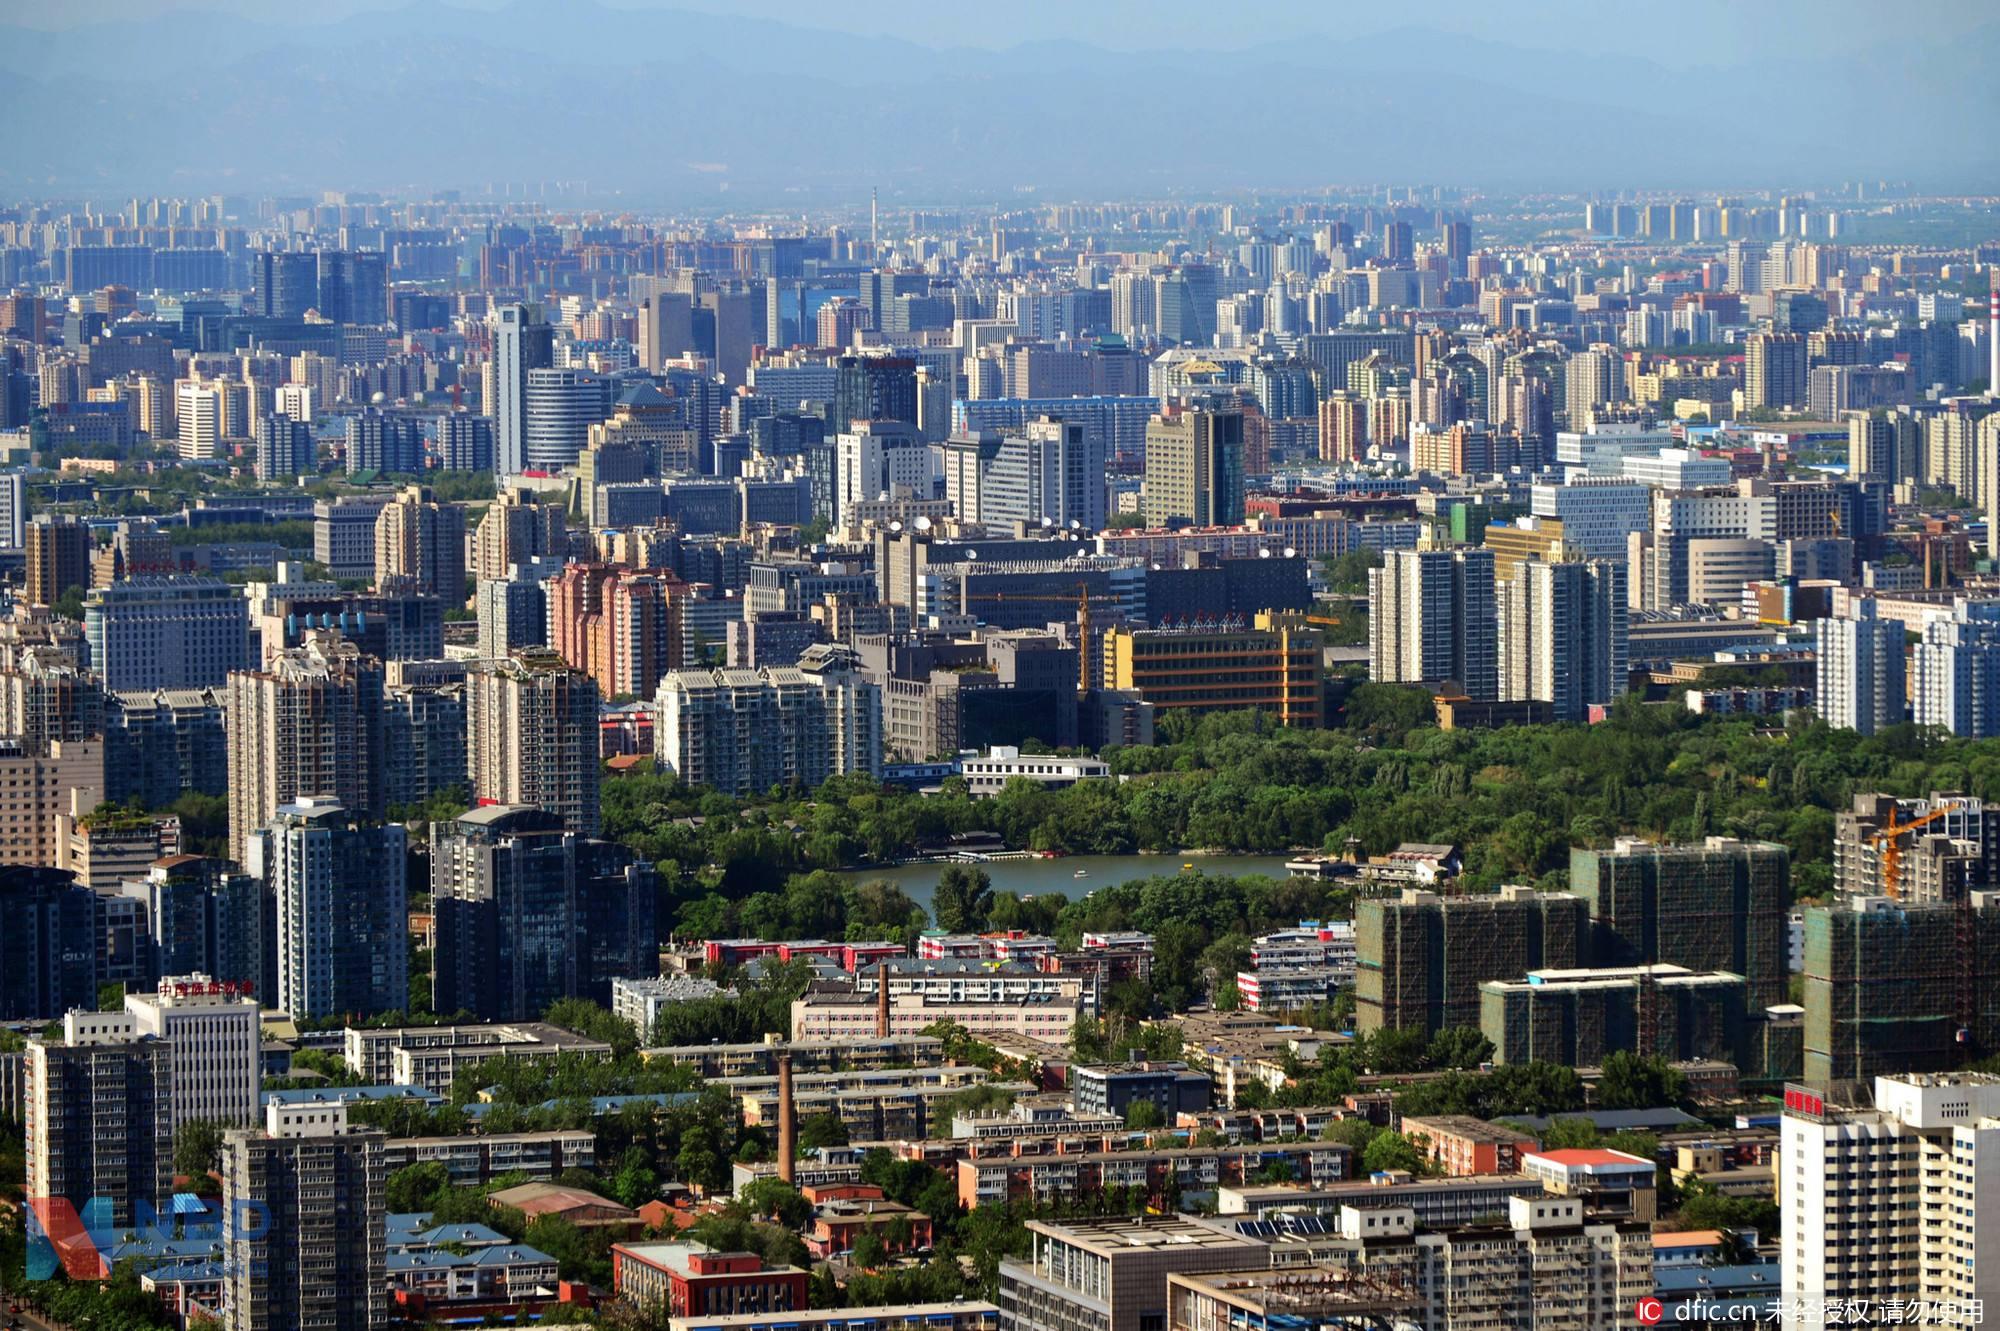 4月份以来卖地数量增加 45城年内卖地金额均超百亿